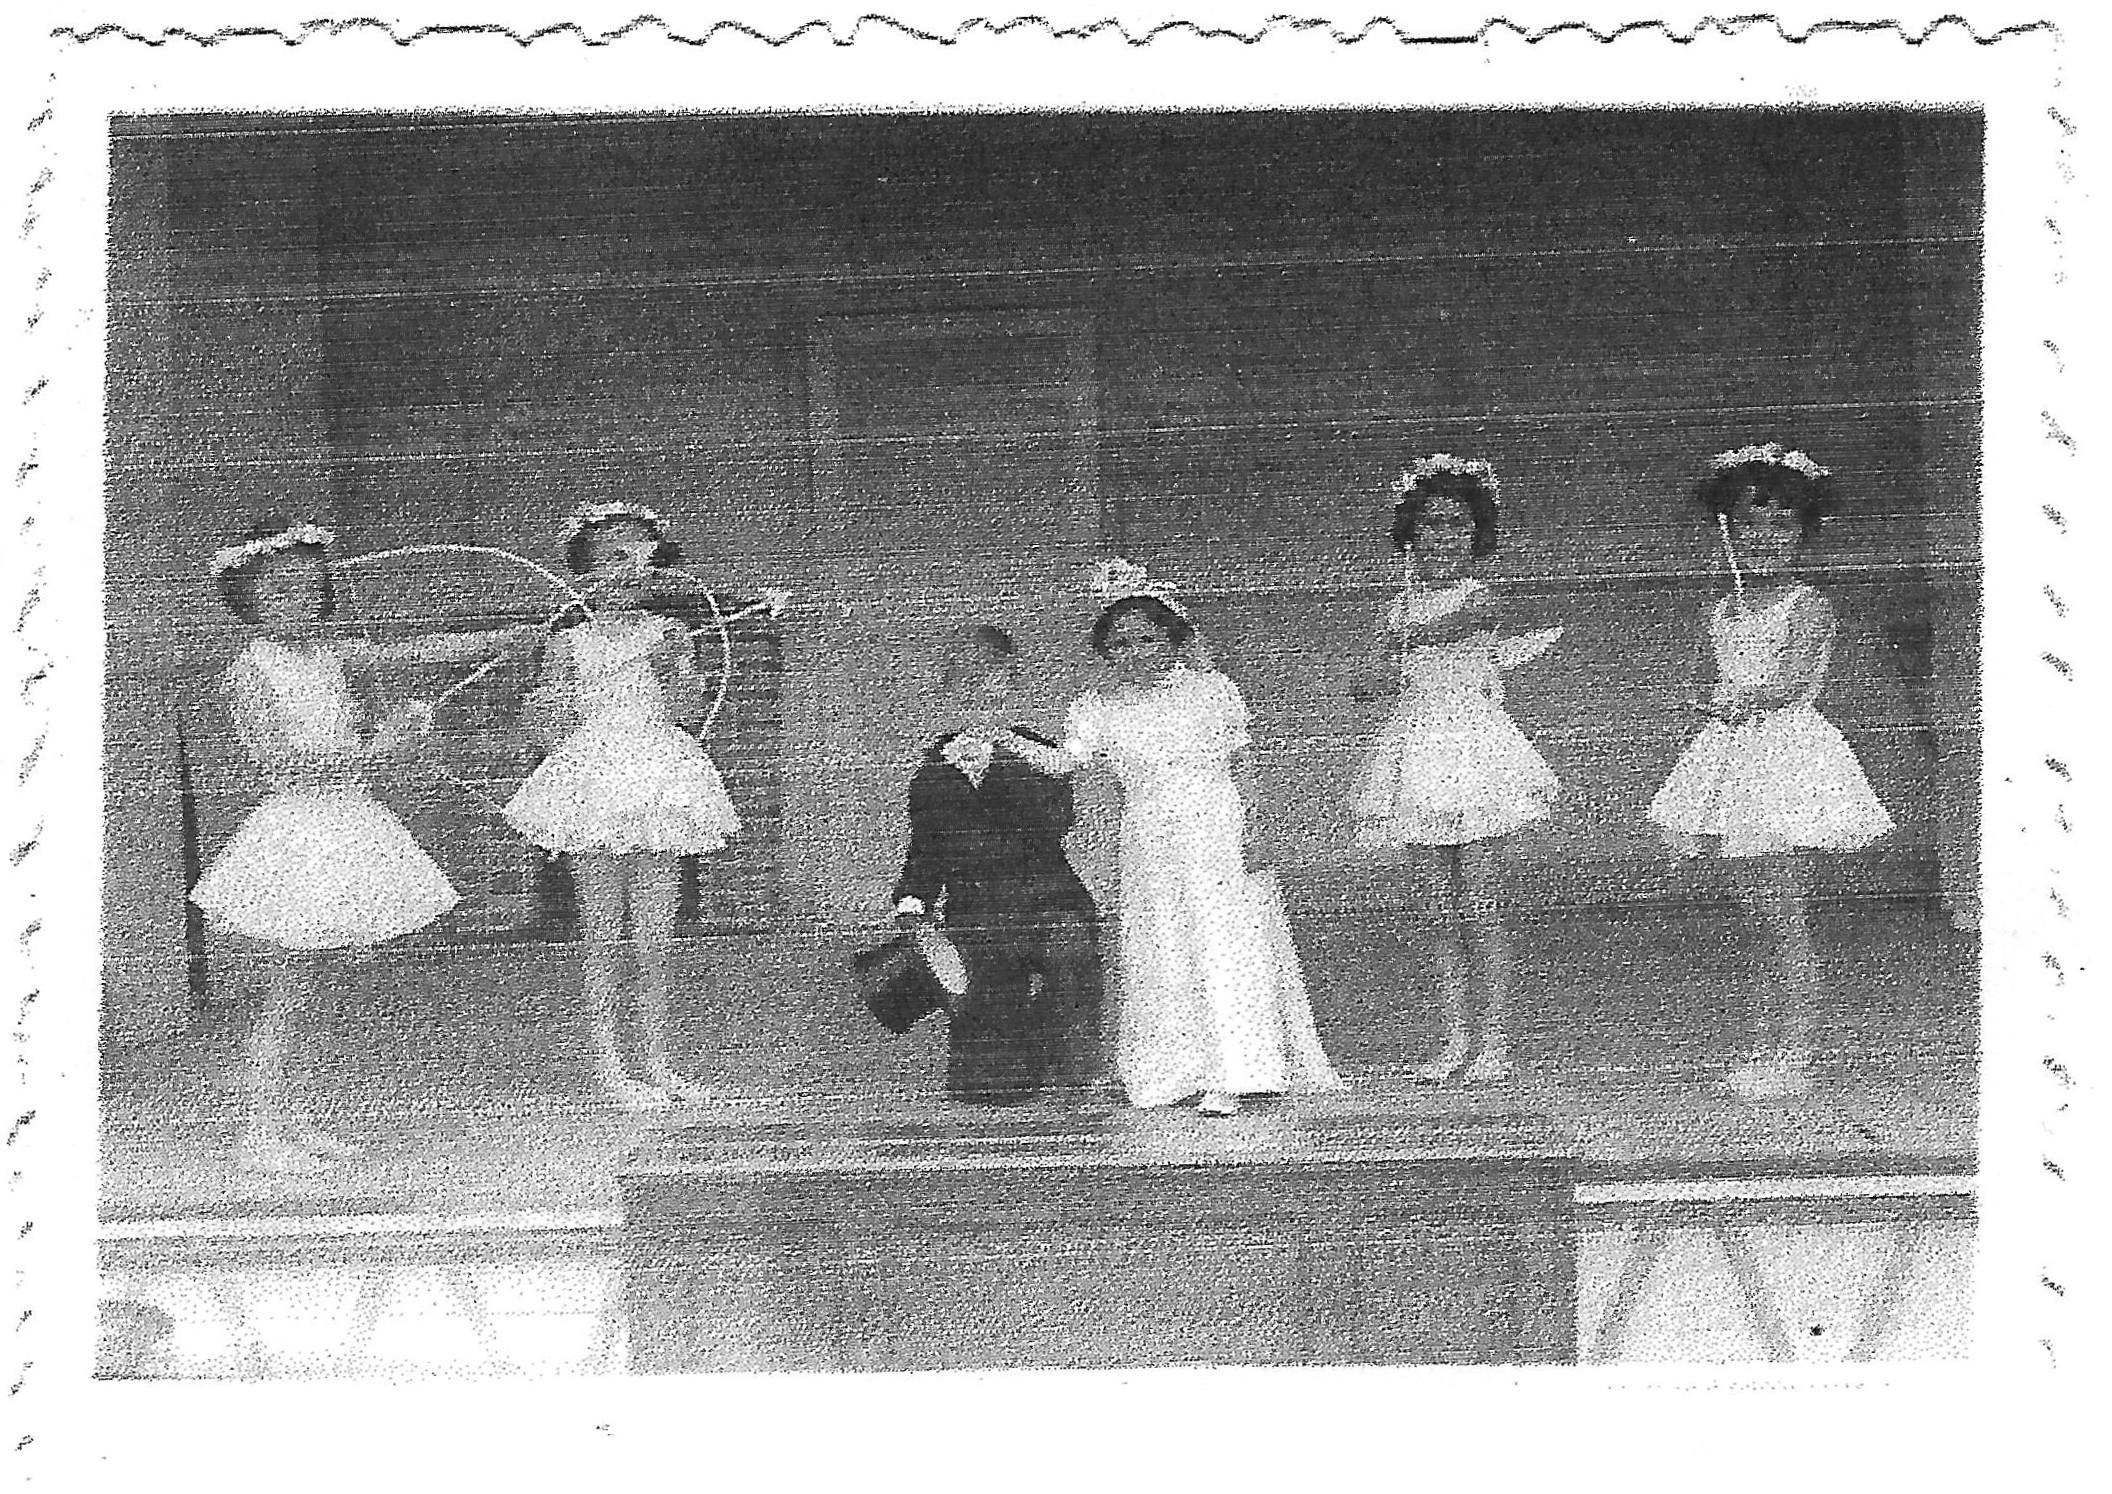 Le Ballet - lors d'un spectacle en 1951